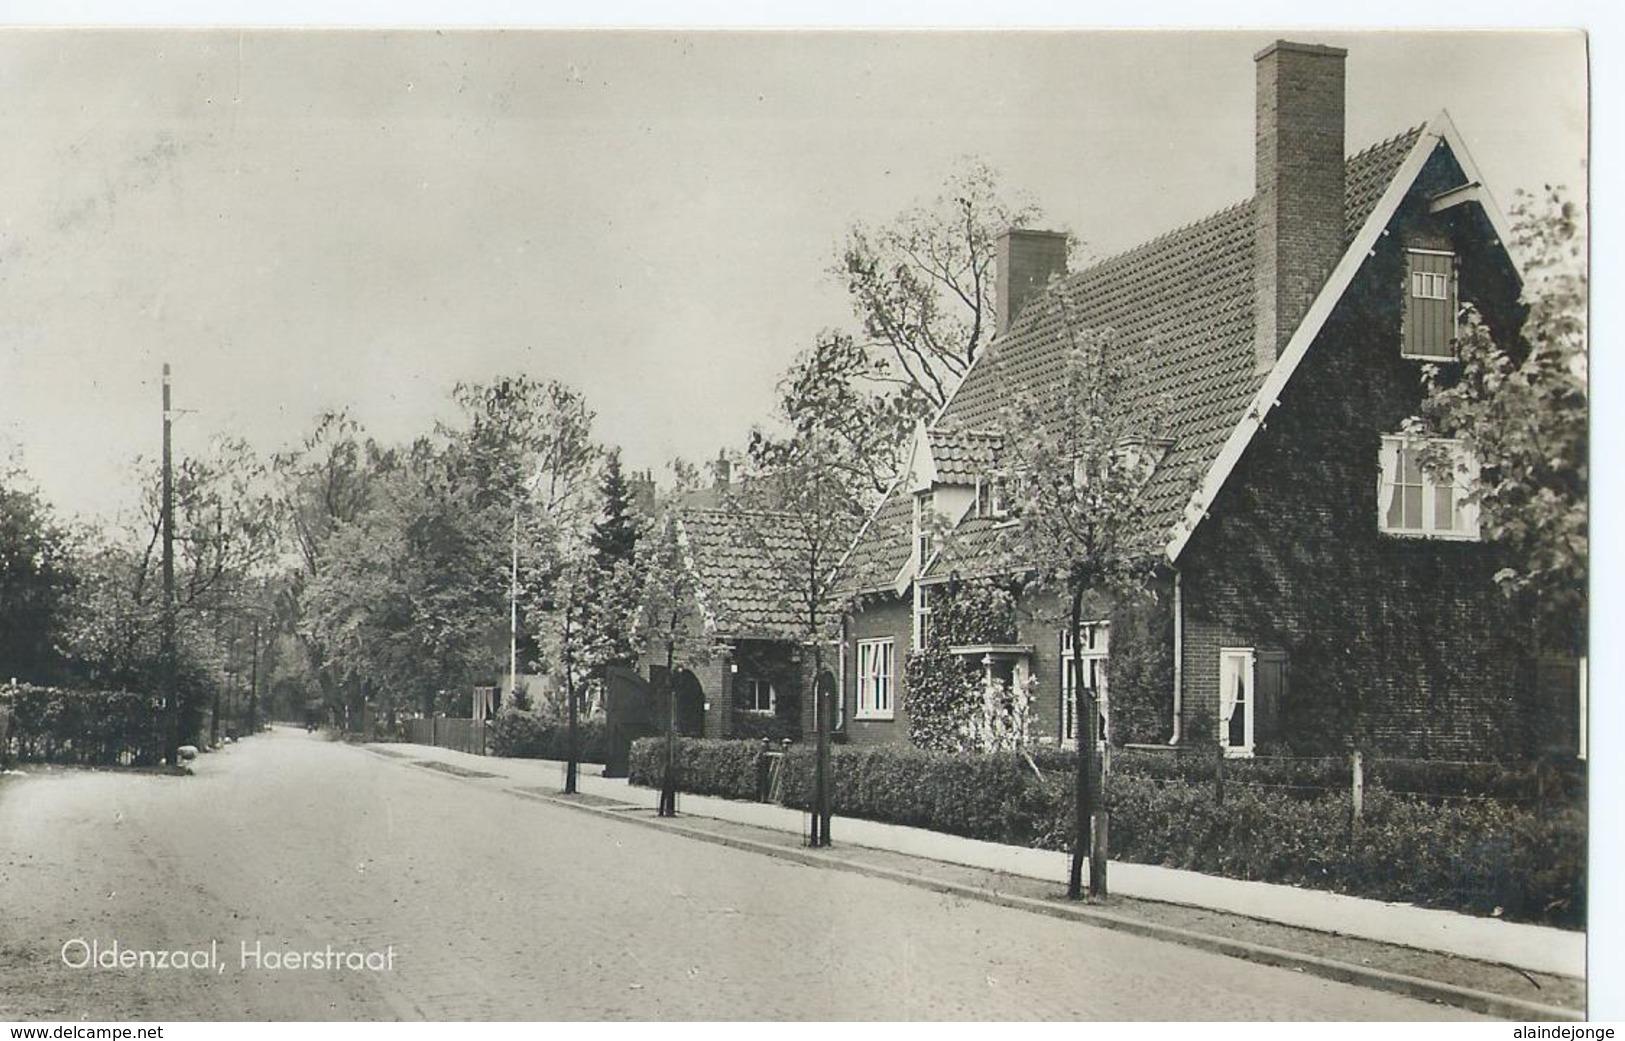 Oldenzaal - Haerstraat - 1942 - Andere